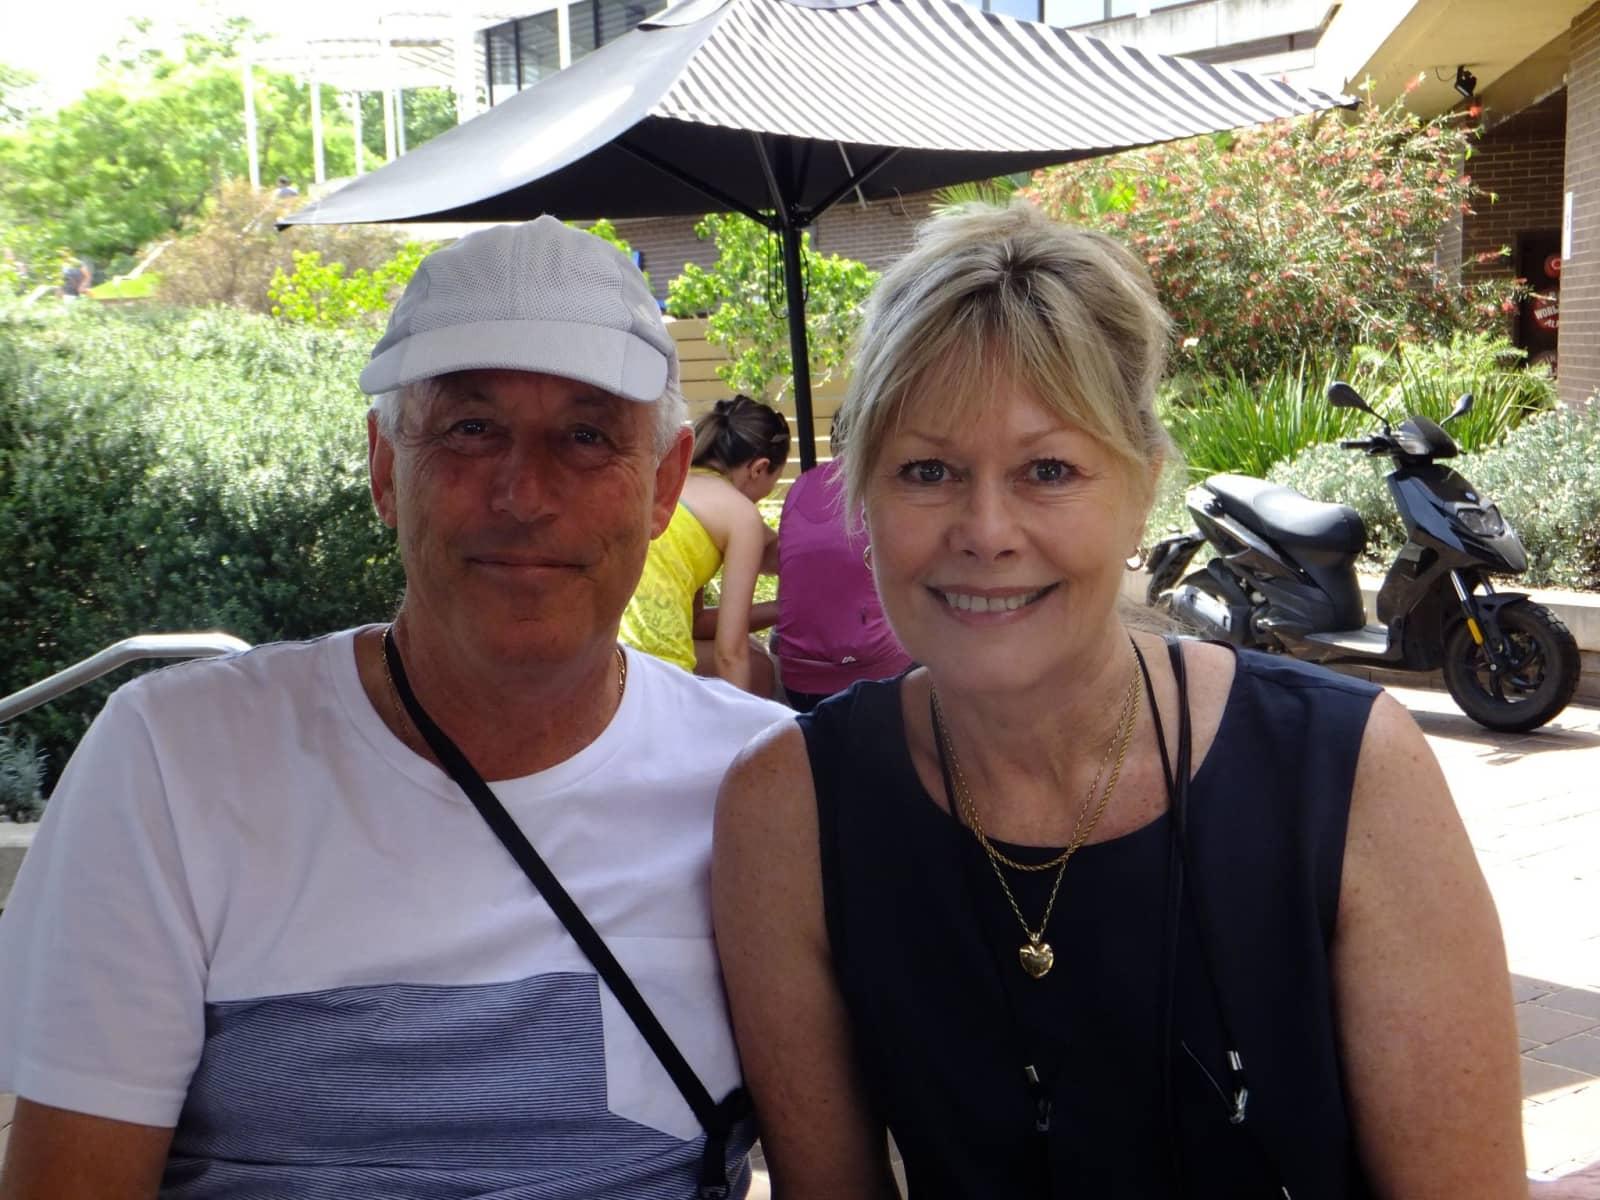 Roger & Ann from Tairua, New Zealand